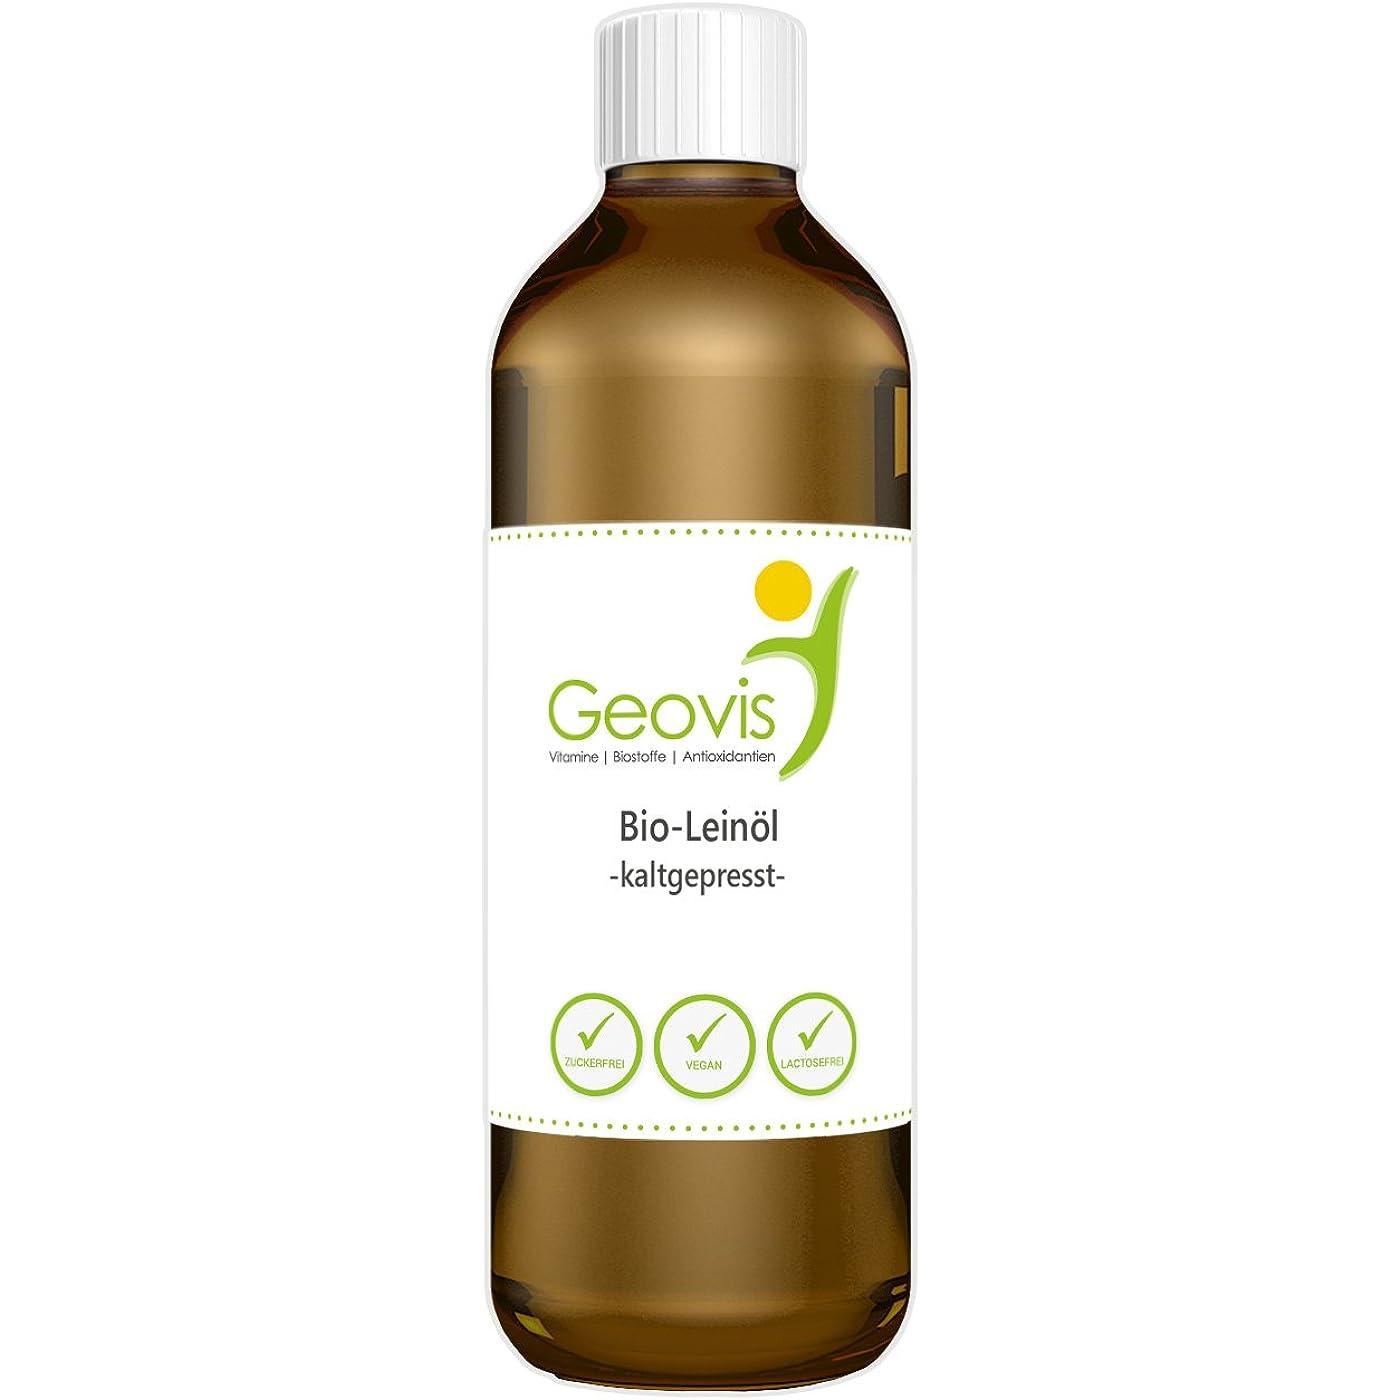 Geovis Bio